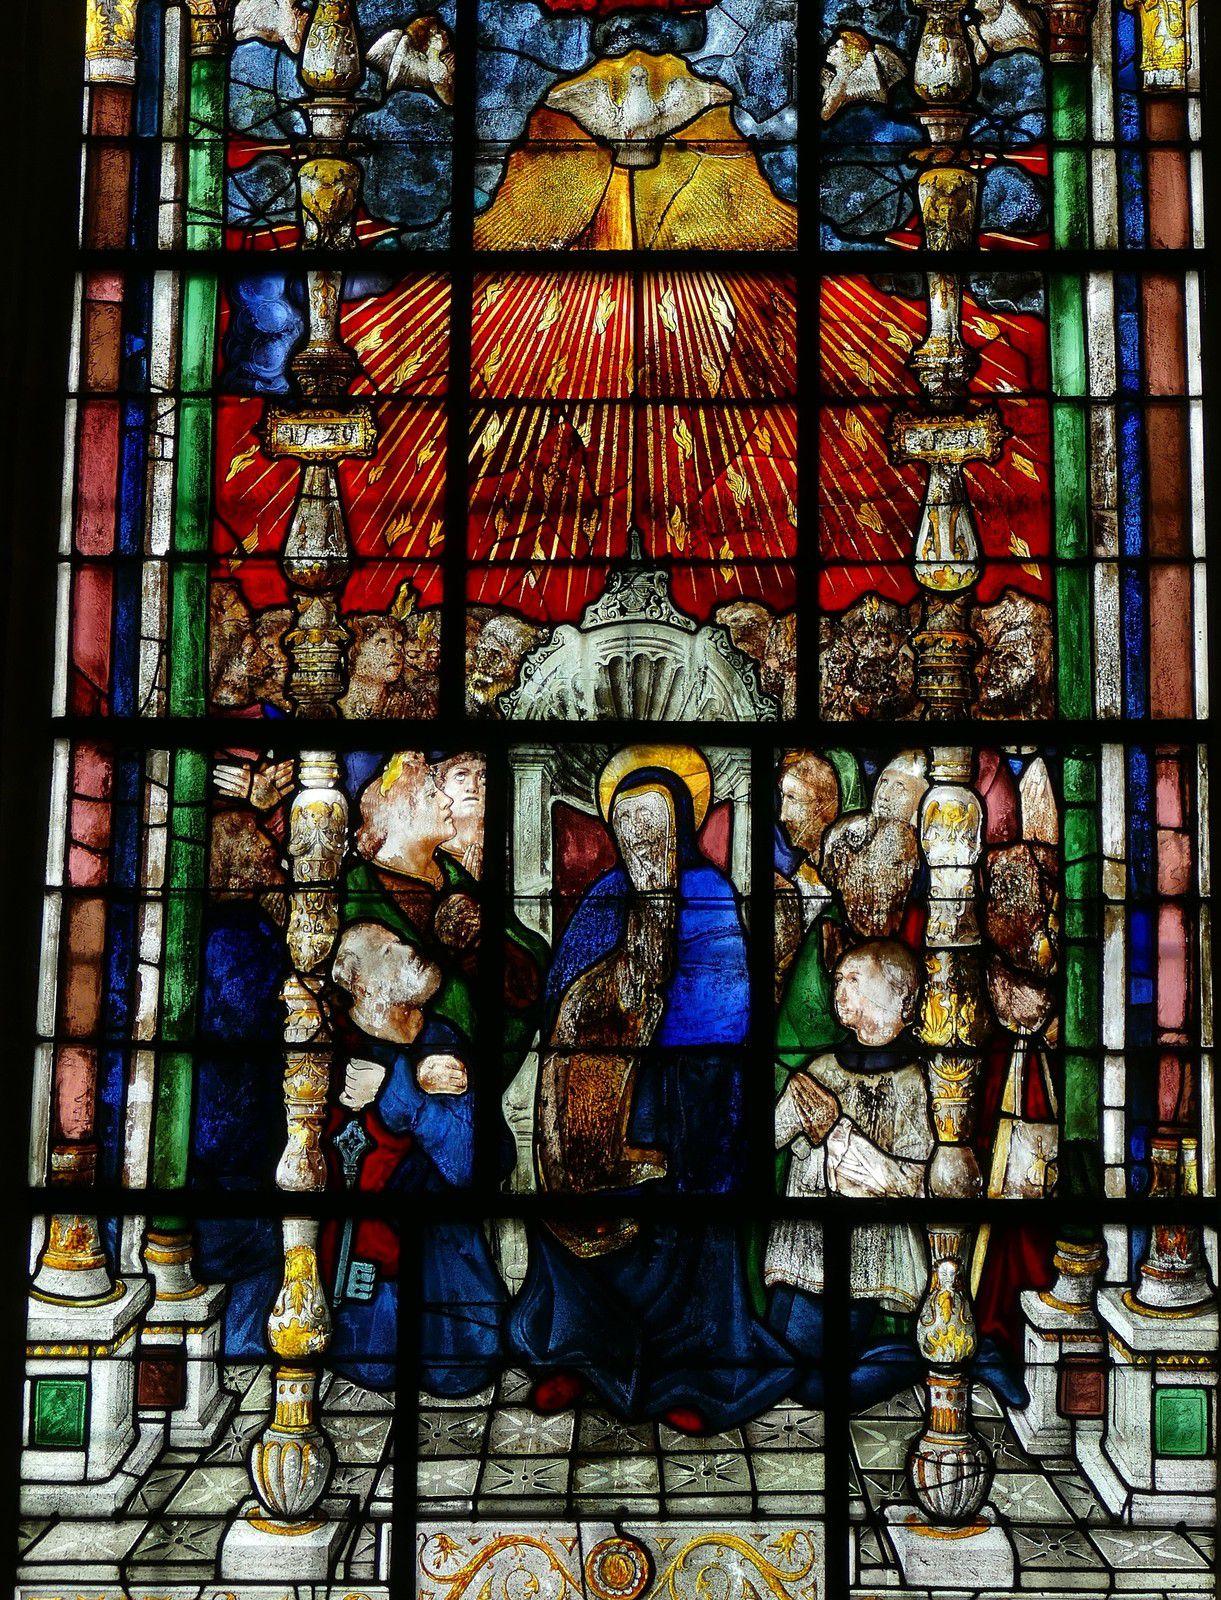 Baie 8 de la Pentecôte (Jehan Adrian, 1529) de l'ancienne collégiale de Champeaux. Photographie lavieb-aile août 2020 .